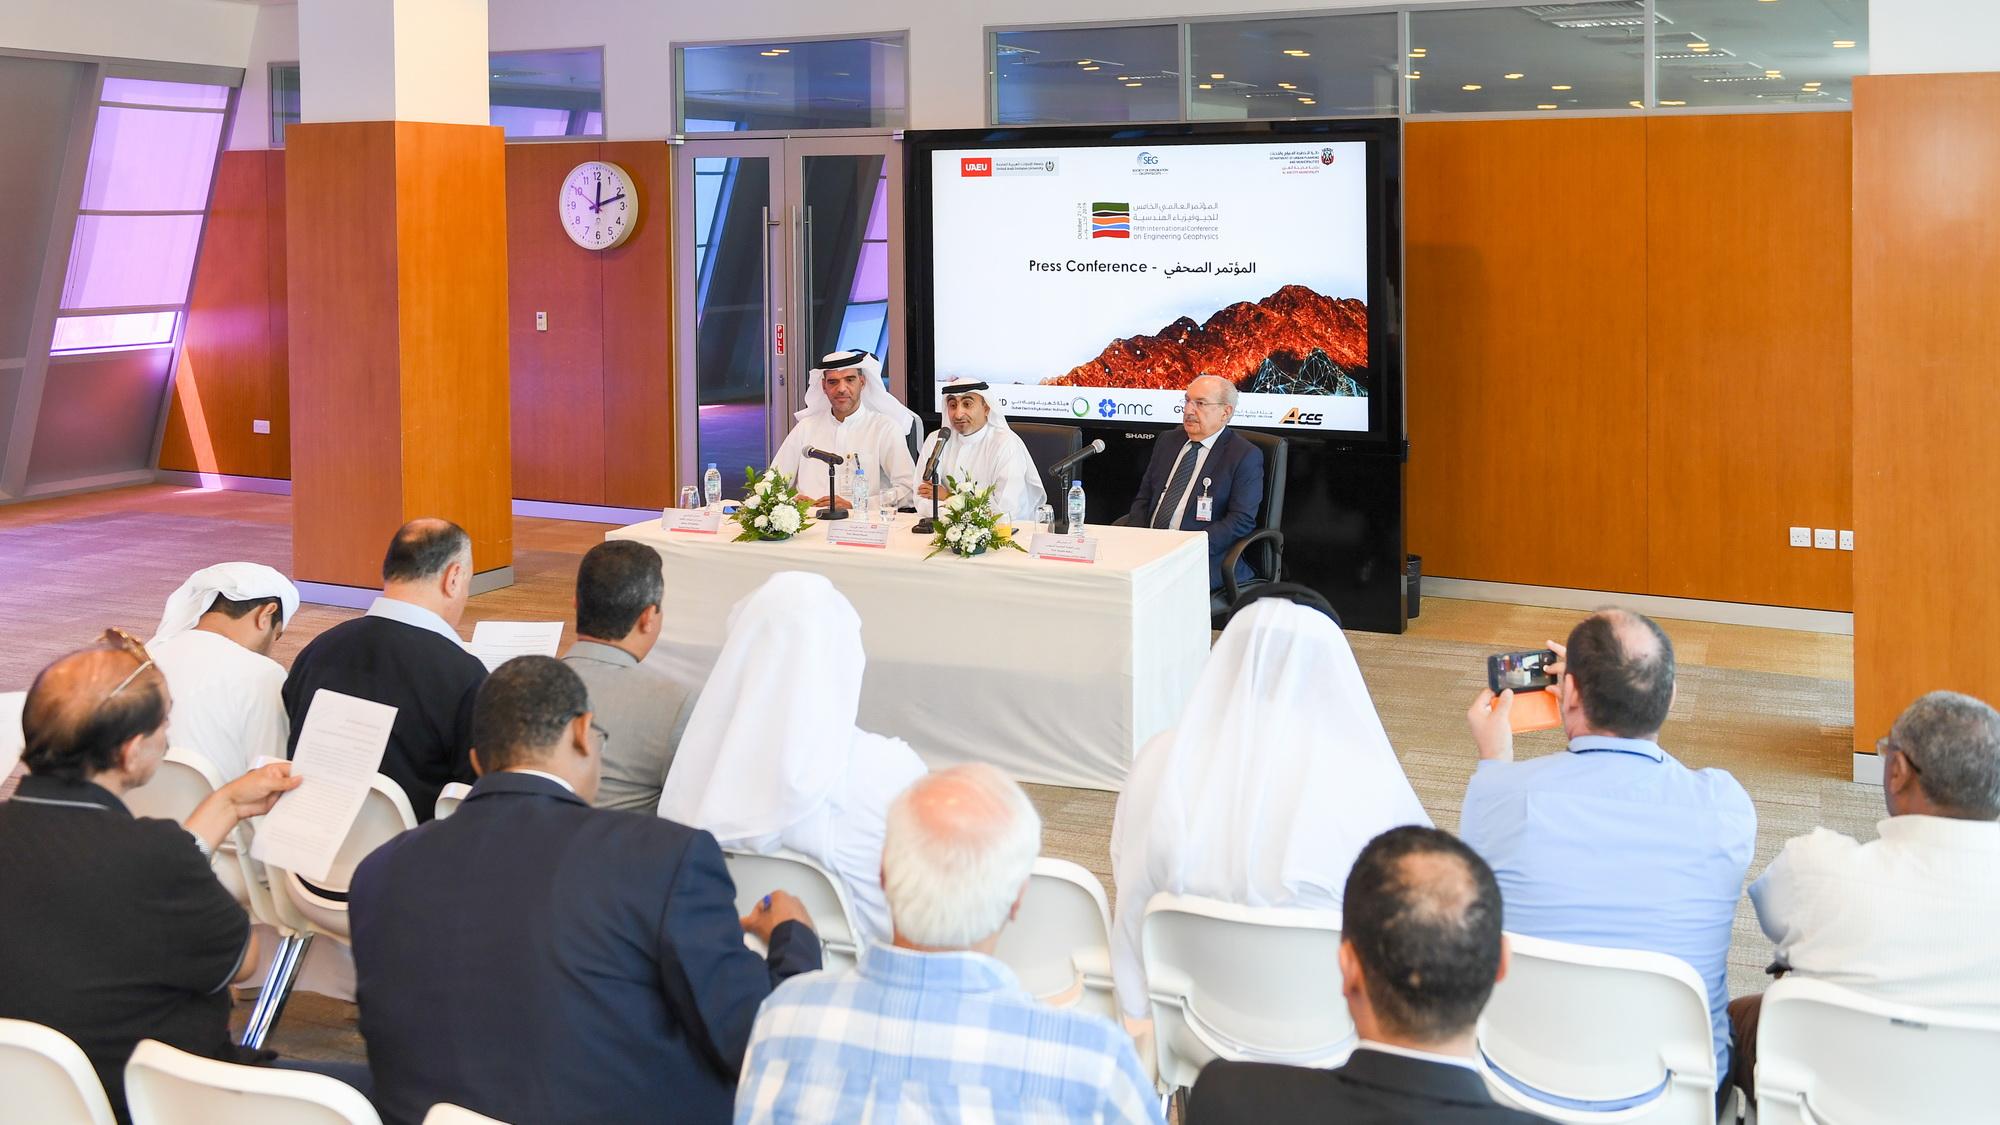 جامعة الإمارات وبلدية العين تنظمان المؤتمر العالمي للجيوفيزياء الهندسية